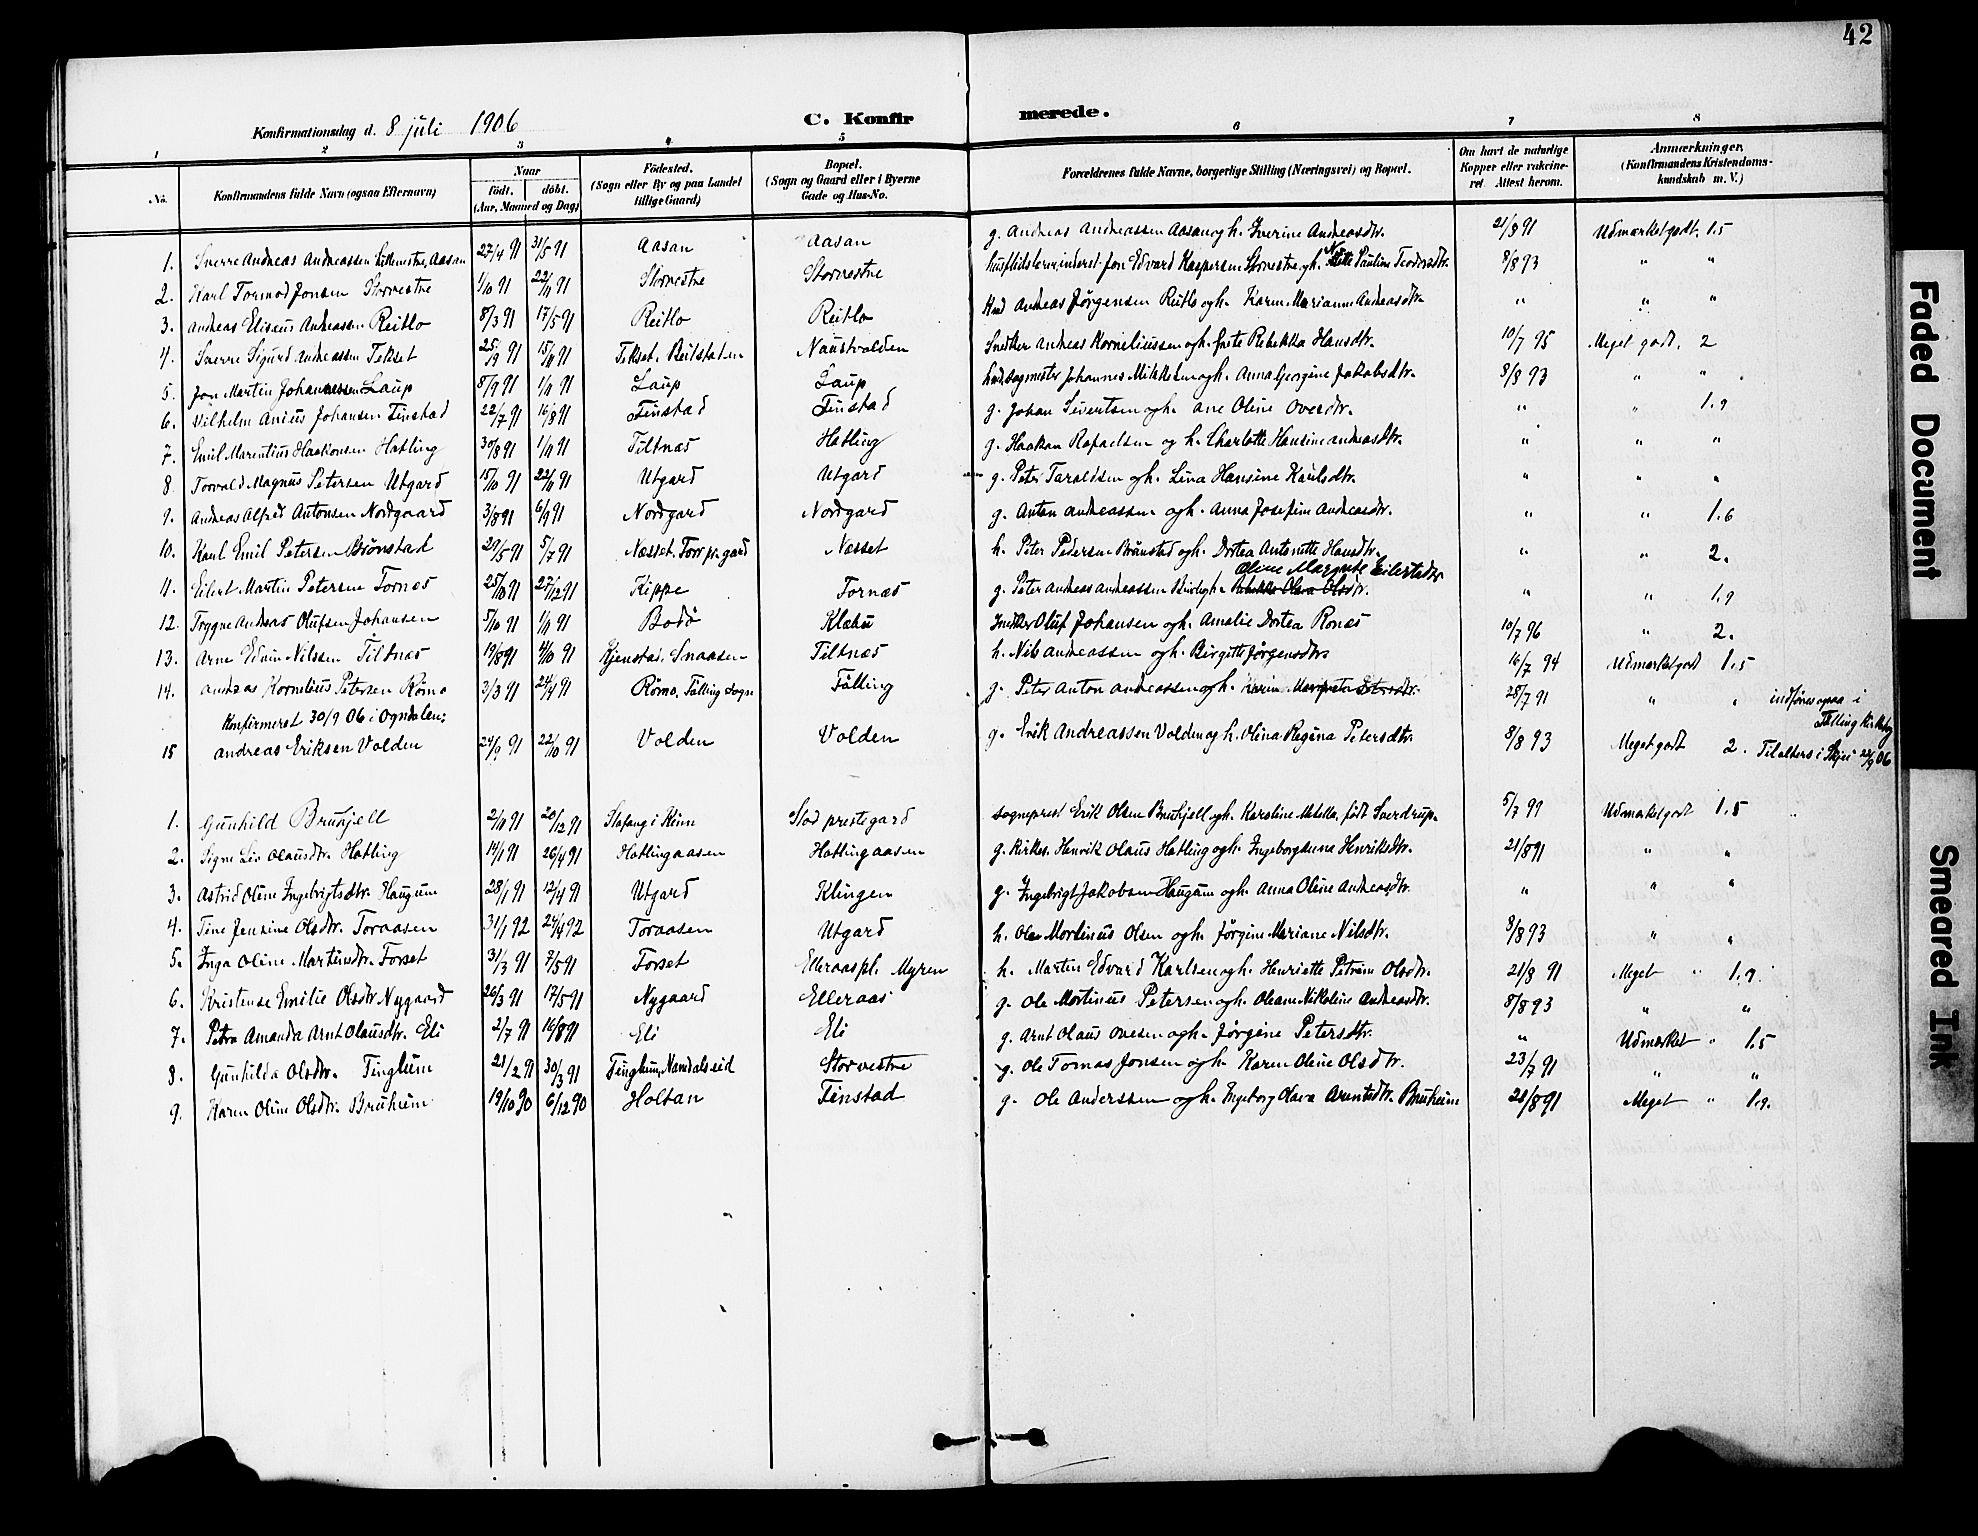 SAT, Ministerialprotokoller, klokkerbøker og fødselsregistre - Nord-Trøndelag, 746/L0452: Ministerialbok nr. 746A09, 1900-1908, s. 42